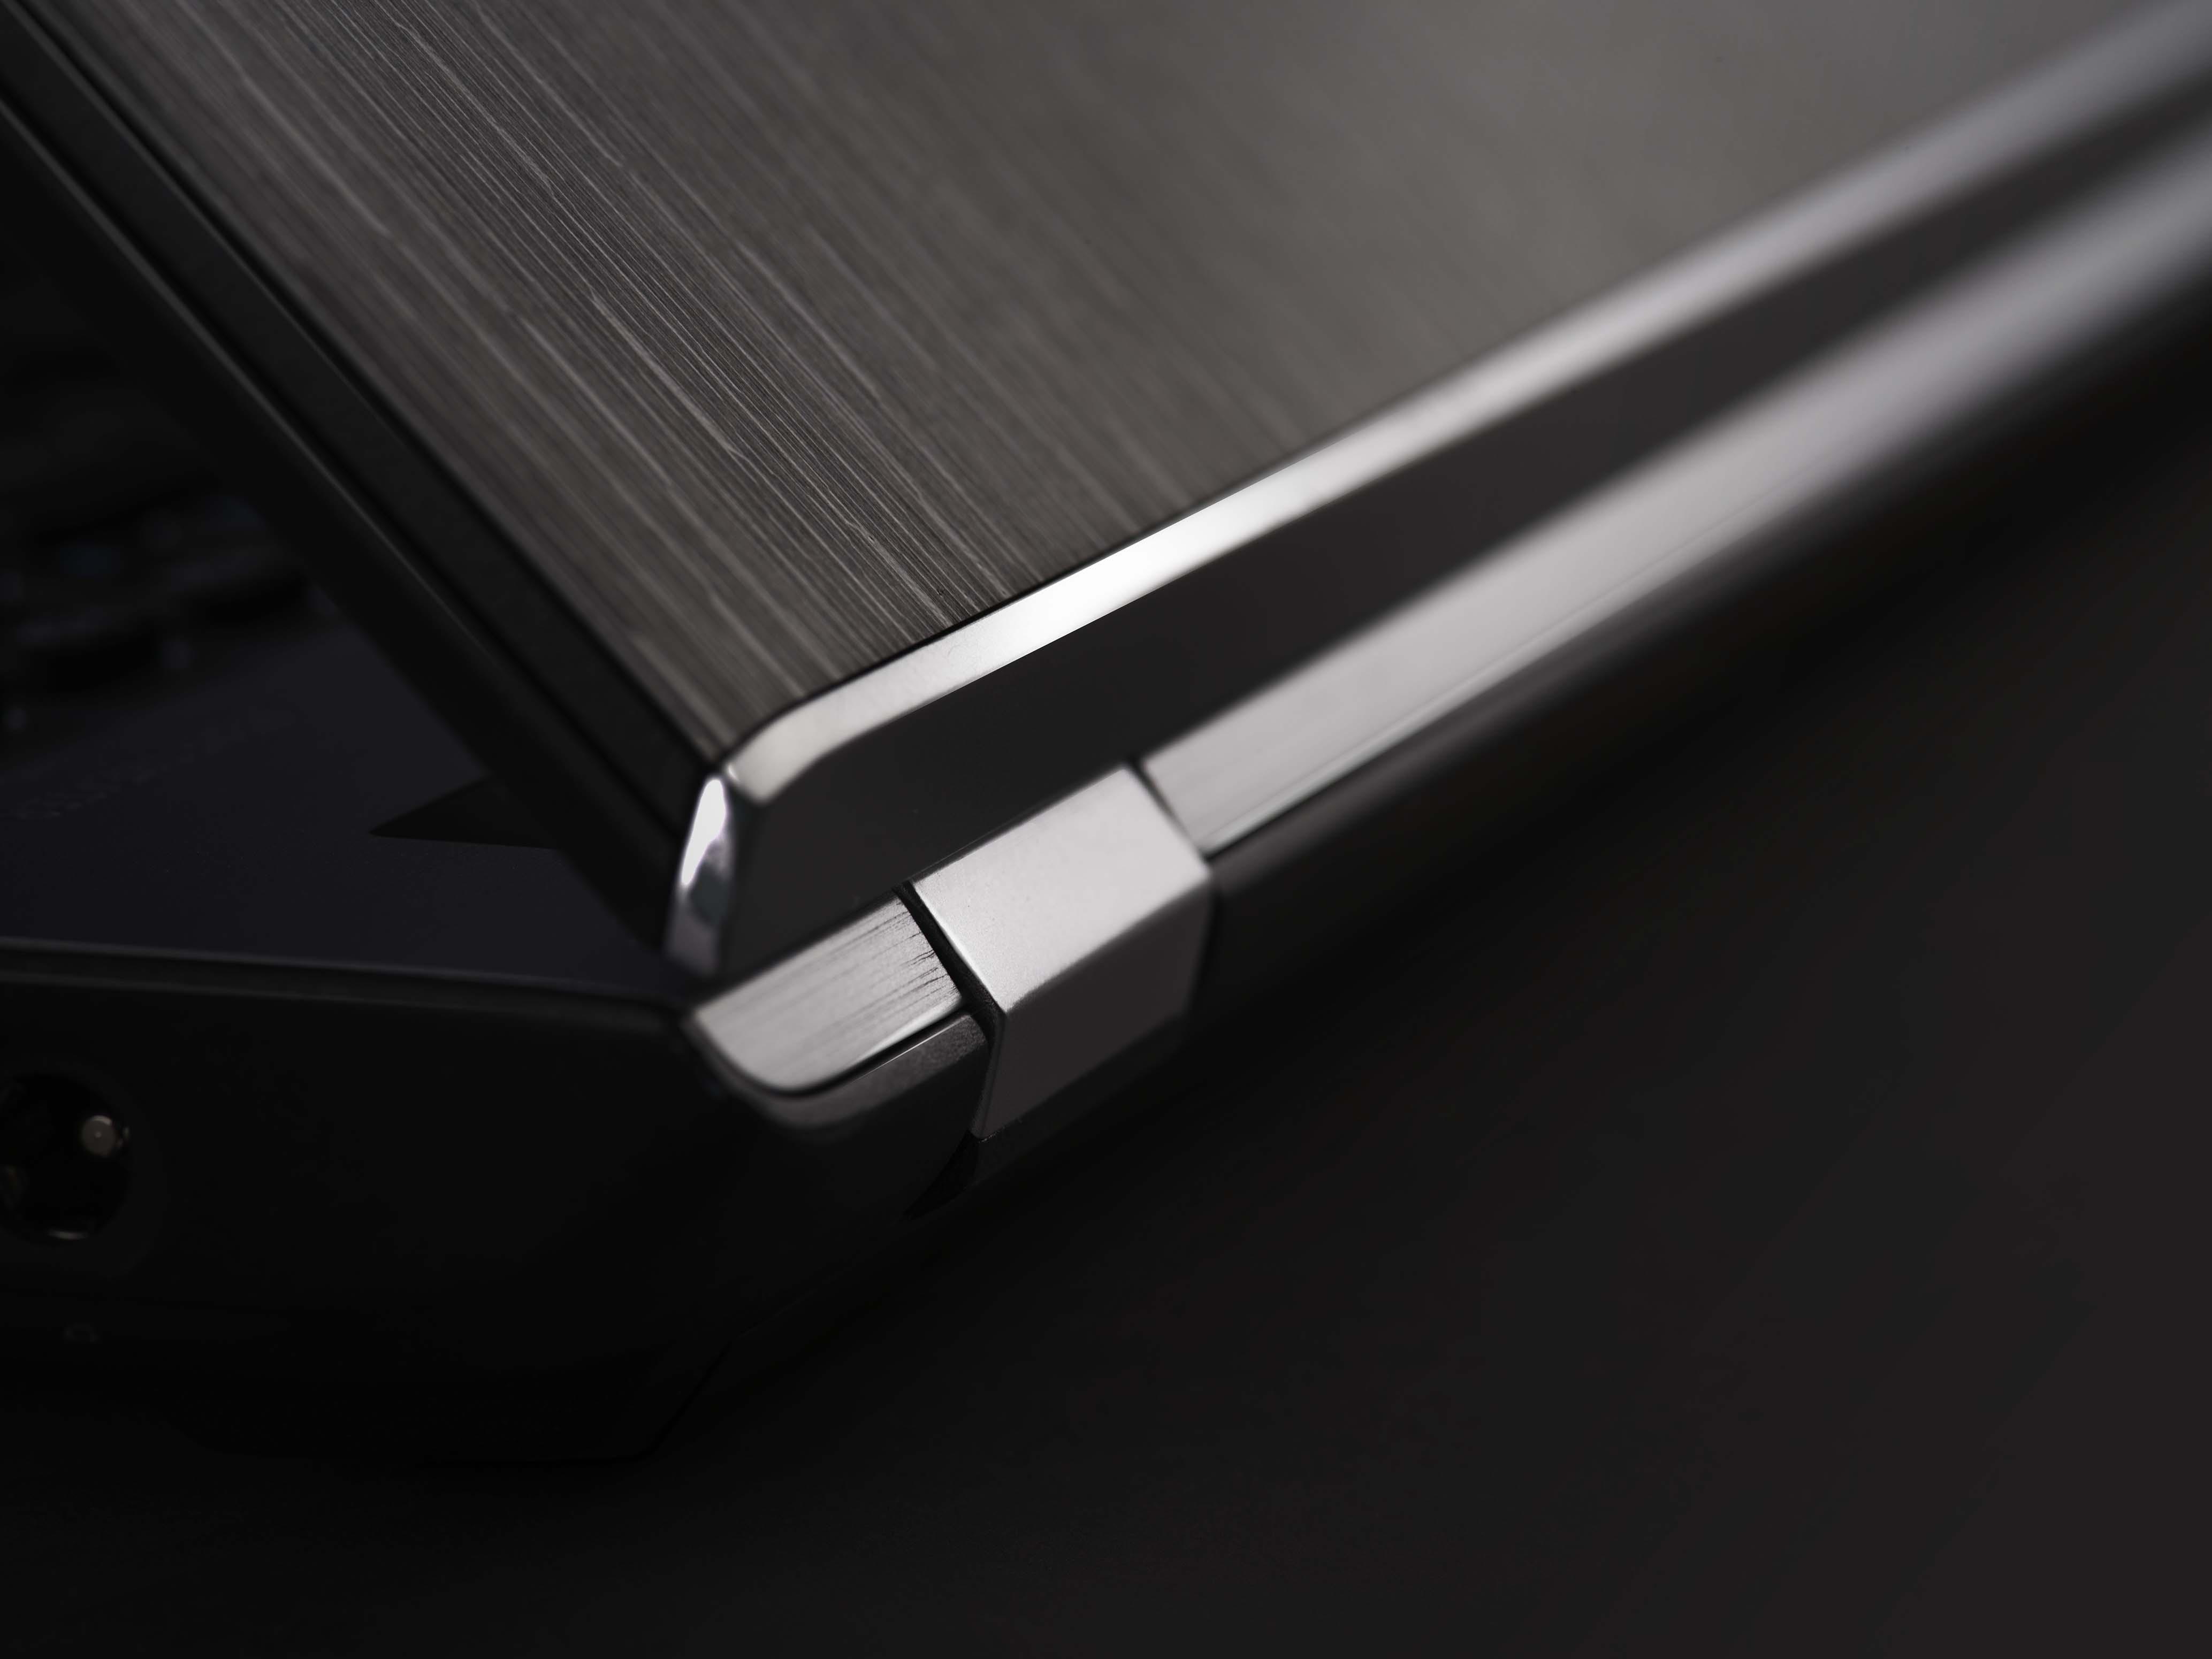 工作打機全兼顧 Acer超薄金屬風筆電